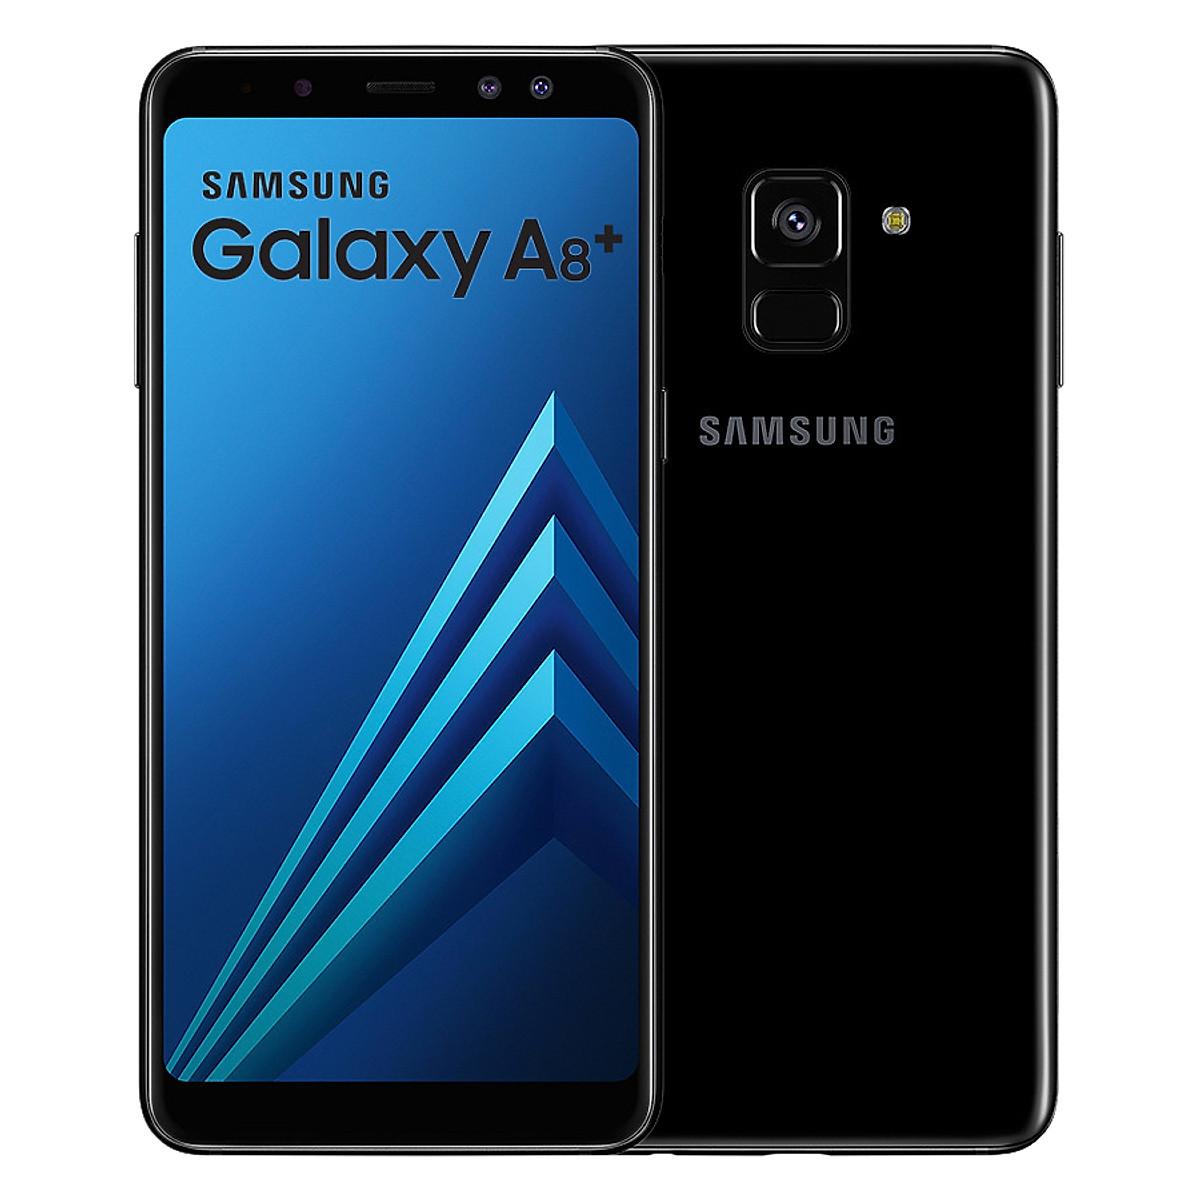 TOP Các điện thoại Samsung Galaxy giảm giá HOT - 7